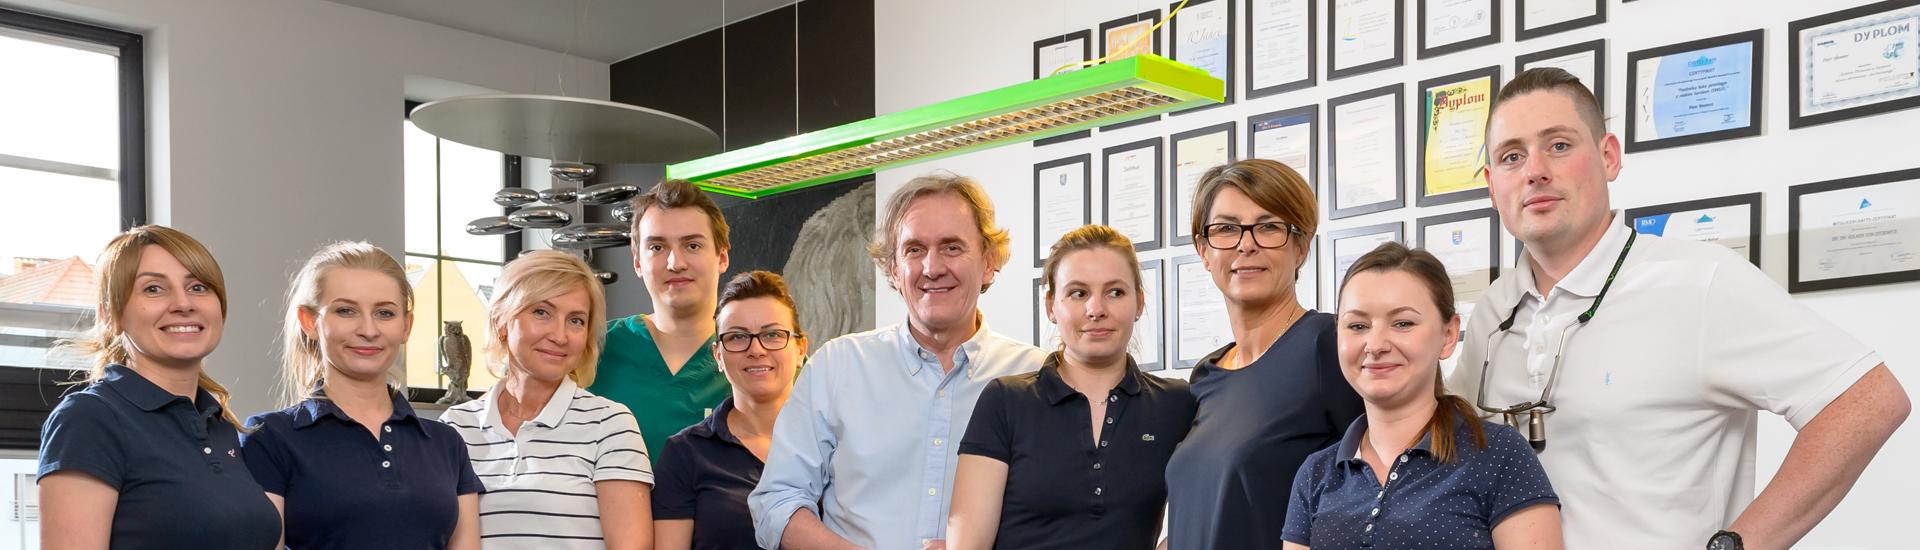 Das Team der Zahnklinik Stettin